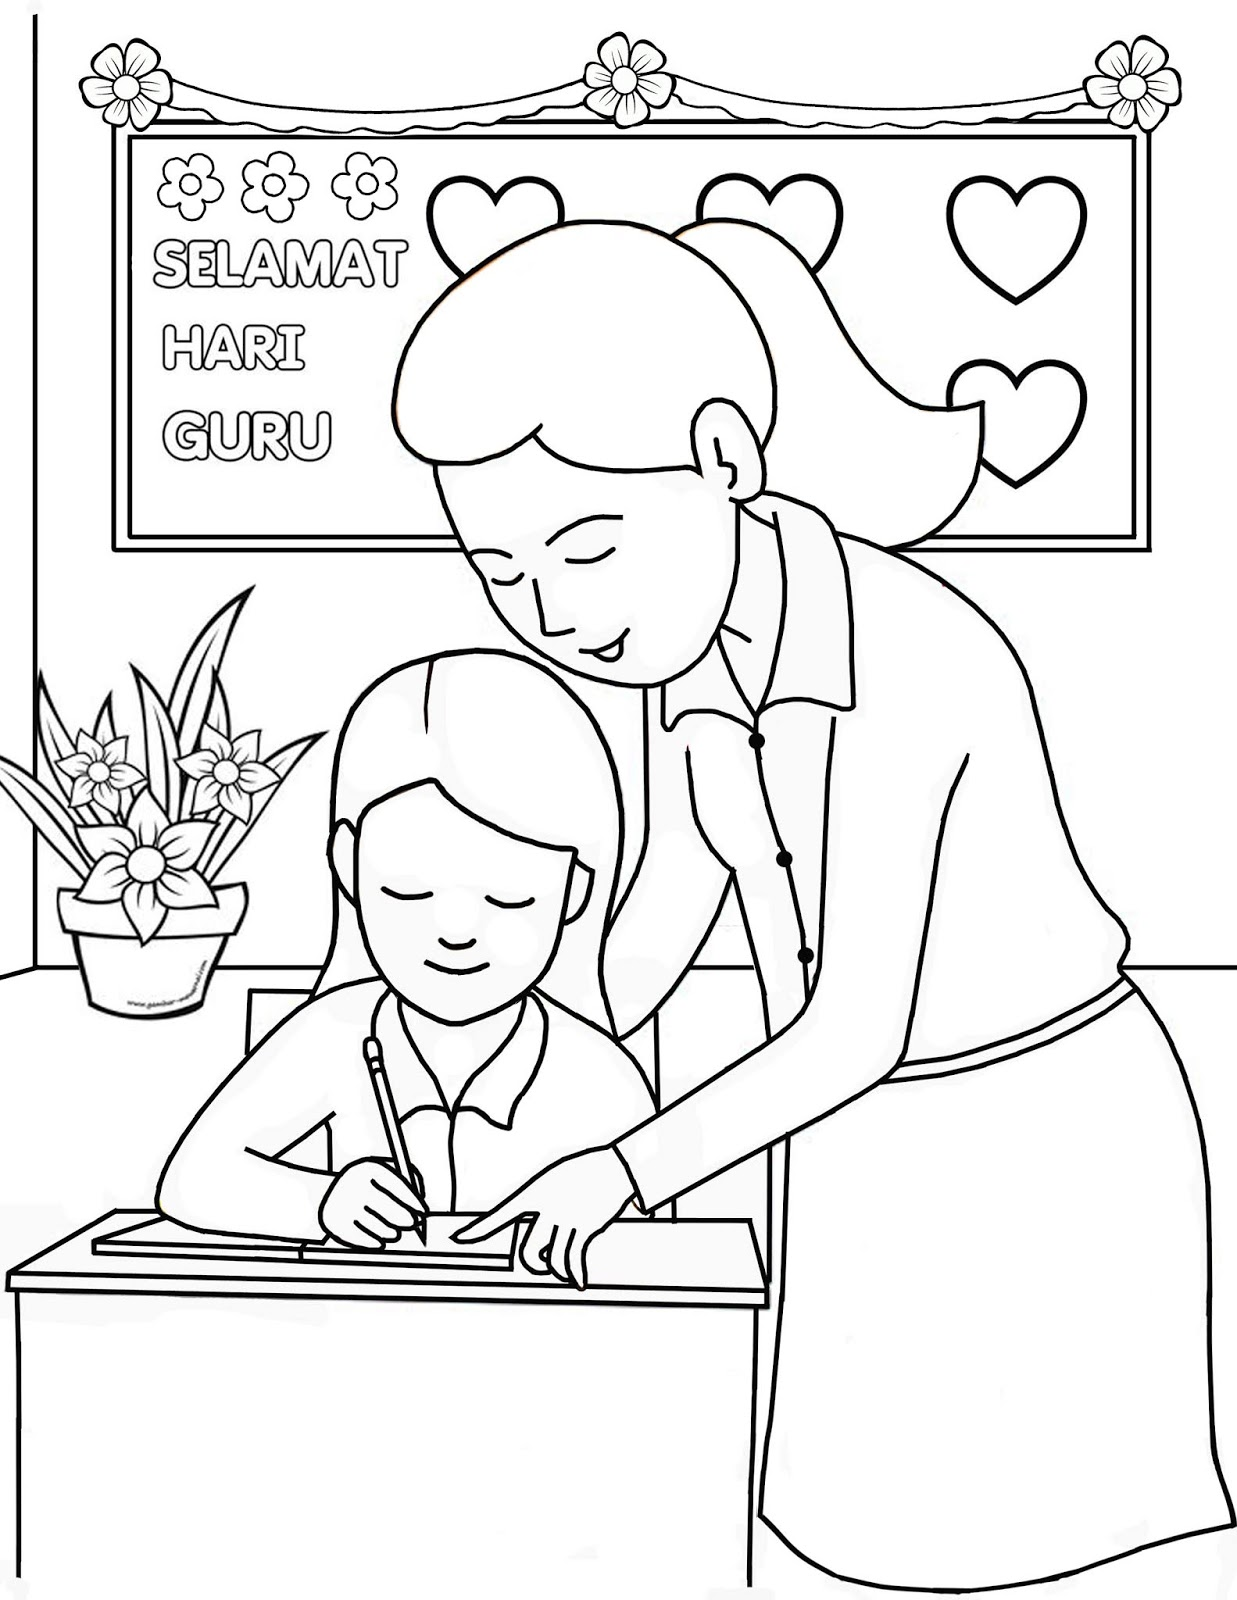 Gambar Guru Mengajar Hari Wwwtollebildcom